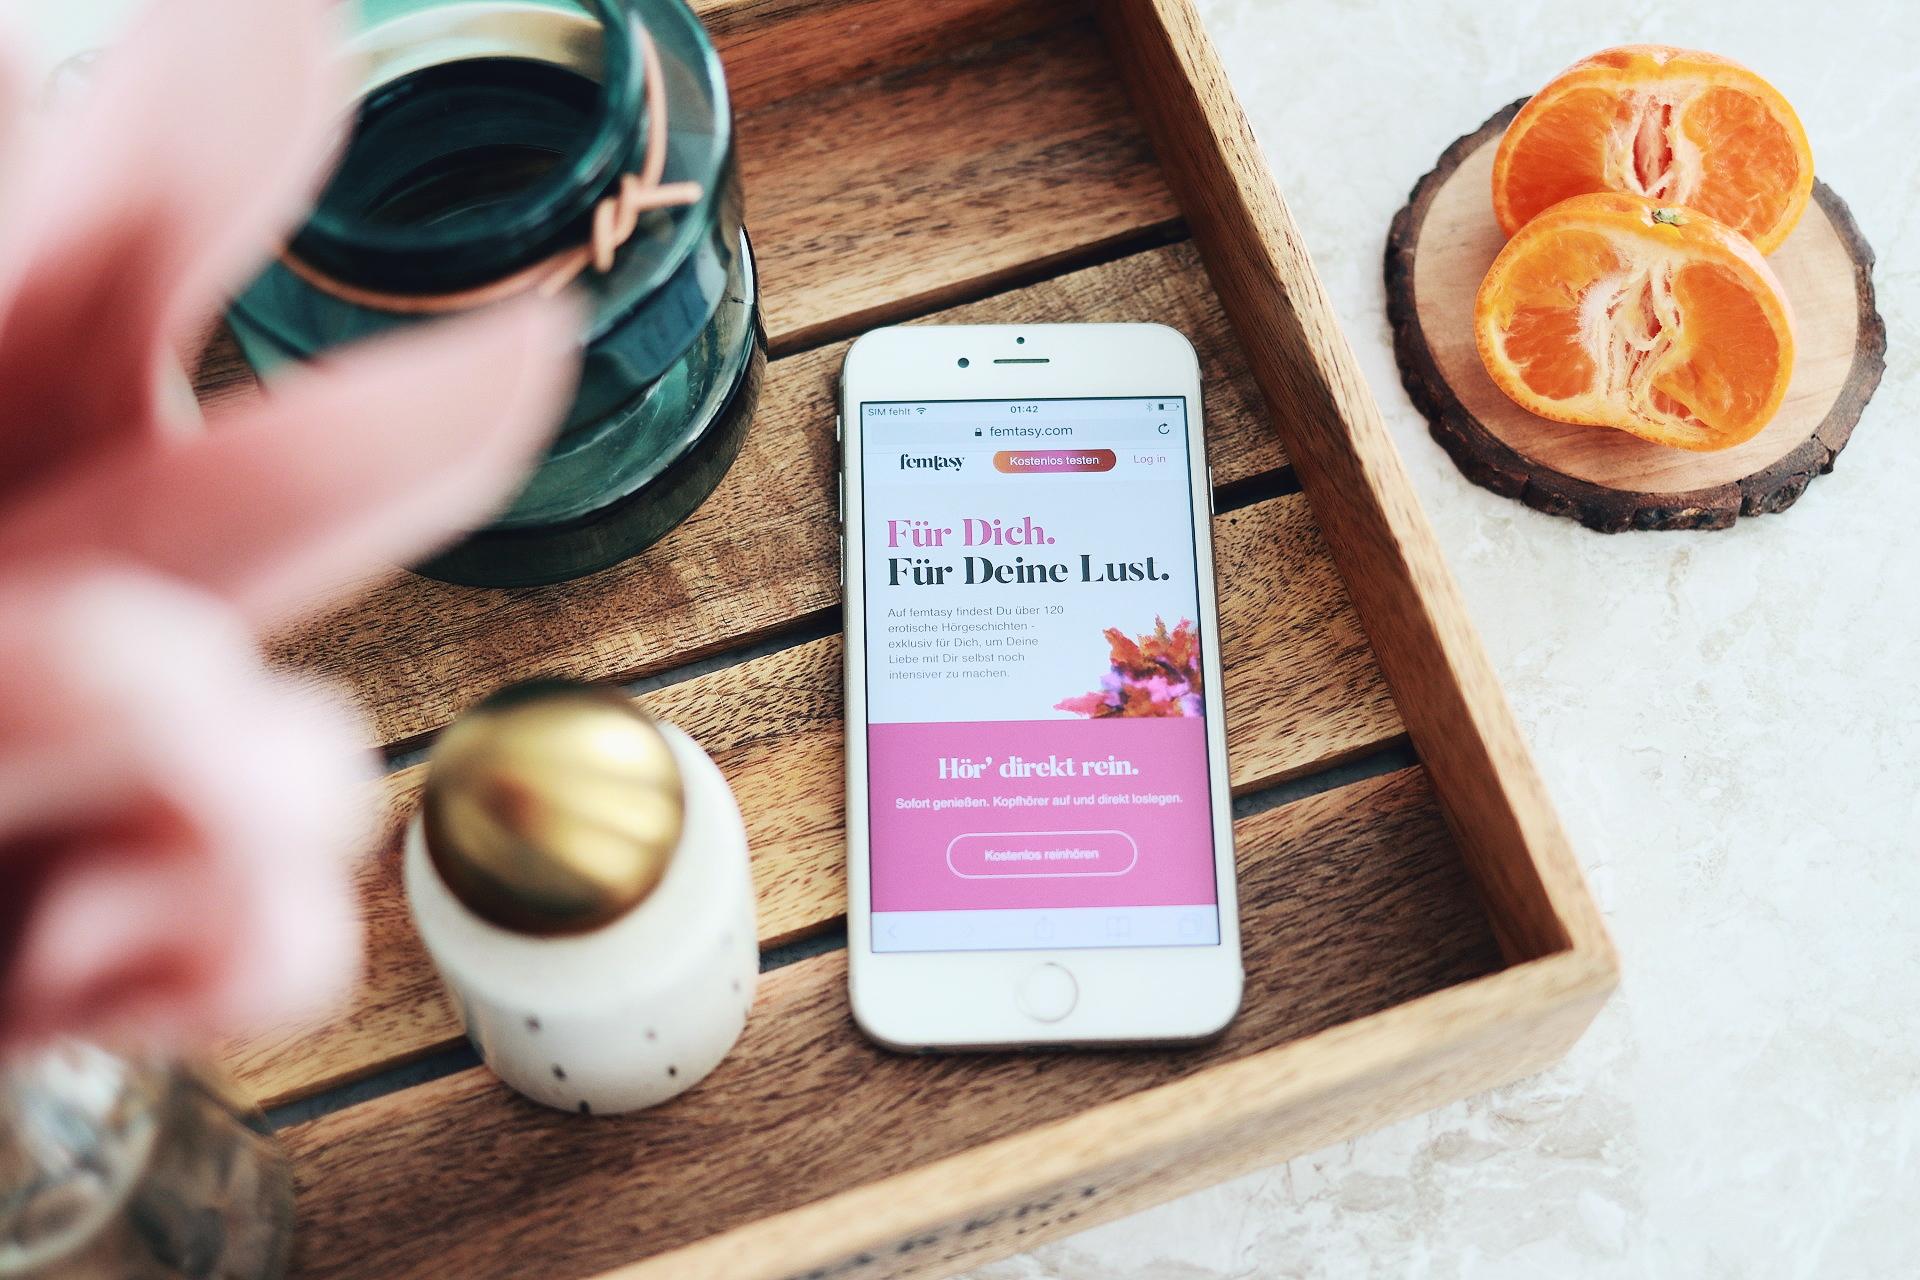 femtasy ist eine Streaming-Plattform für kurze erotische Hörgeschichten, die Frauen bei der Selbstbefriedigung begleiten sollen. Ich habe die Gründerin Julie interviewt und stelle euch die Plattform neuer vor.